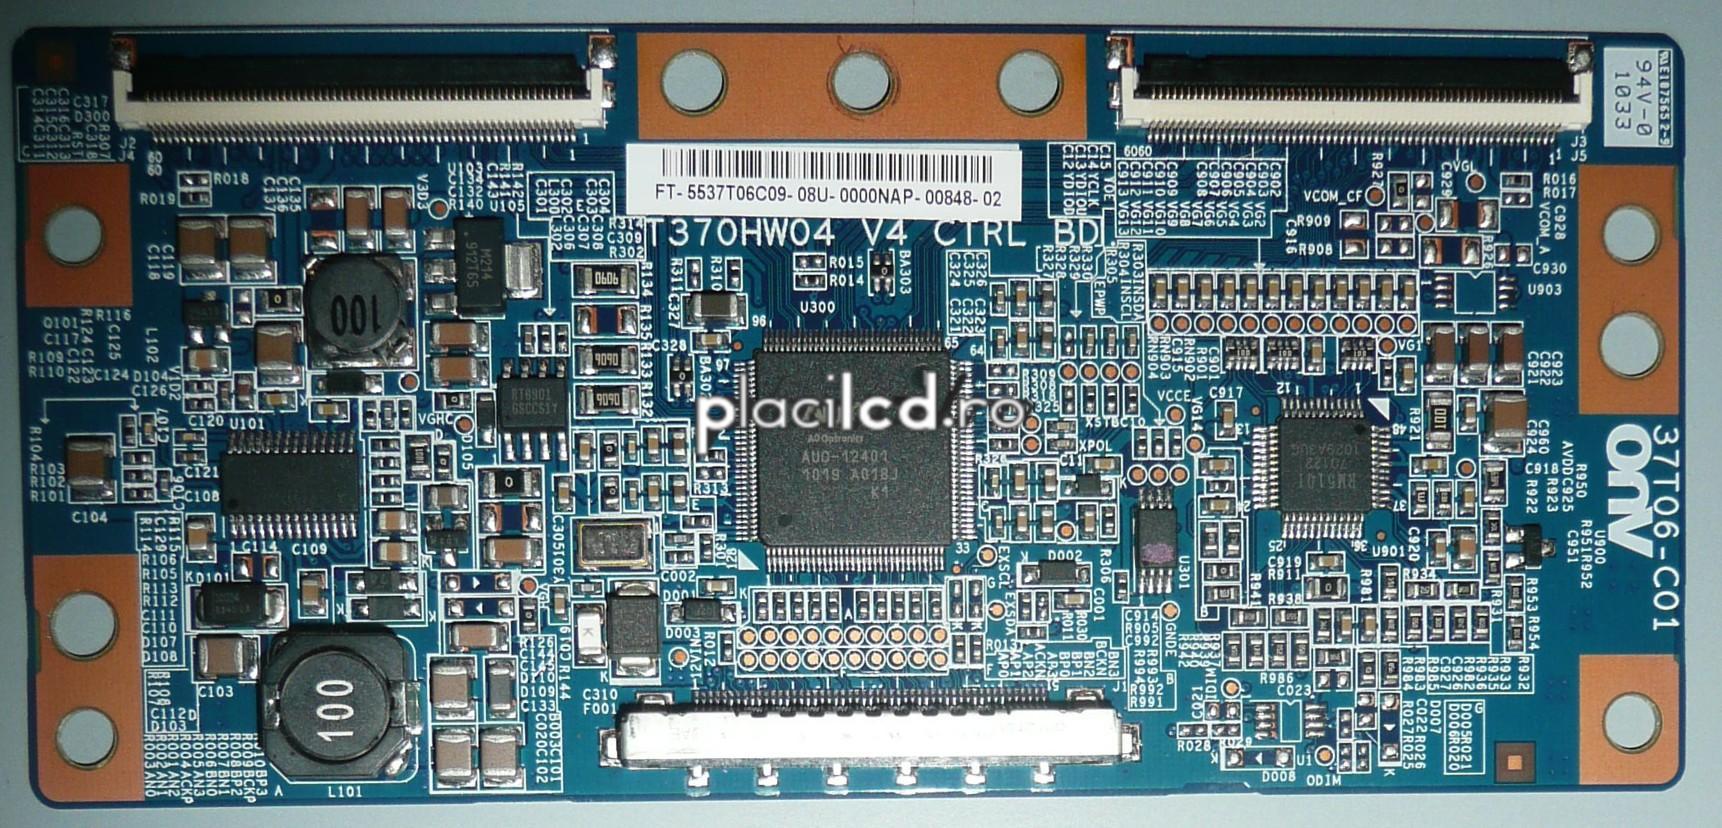 Placa LVDS T370HW04 V4 (37T06-C01)